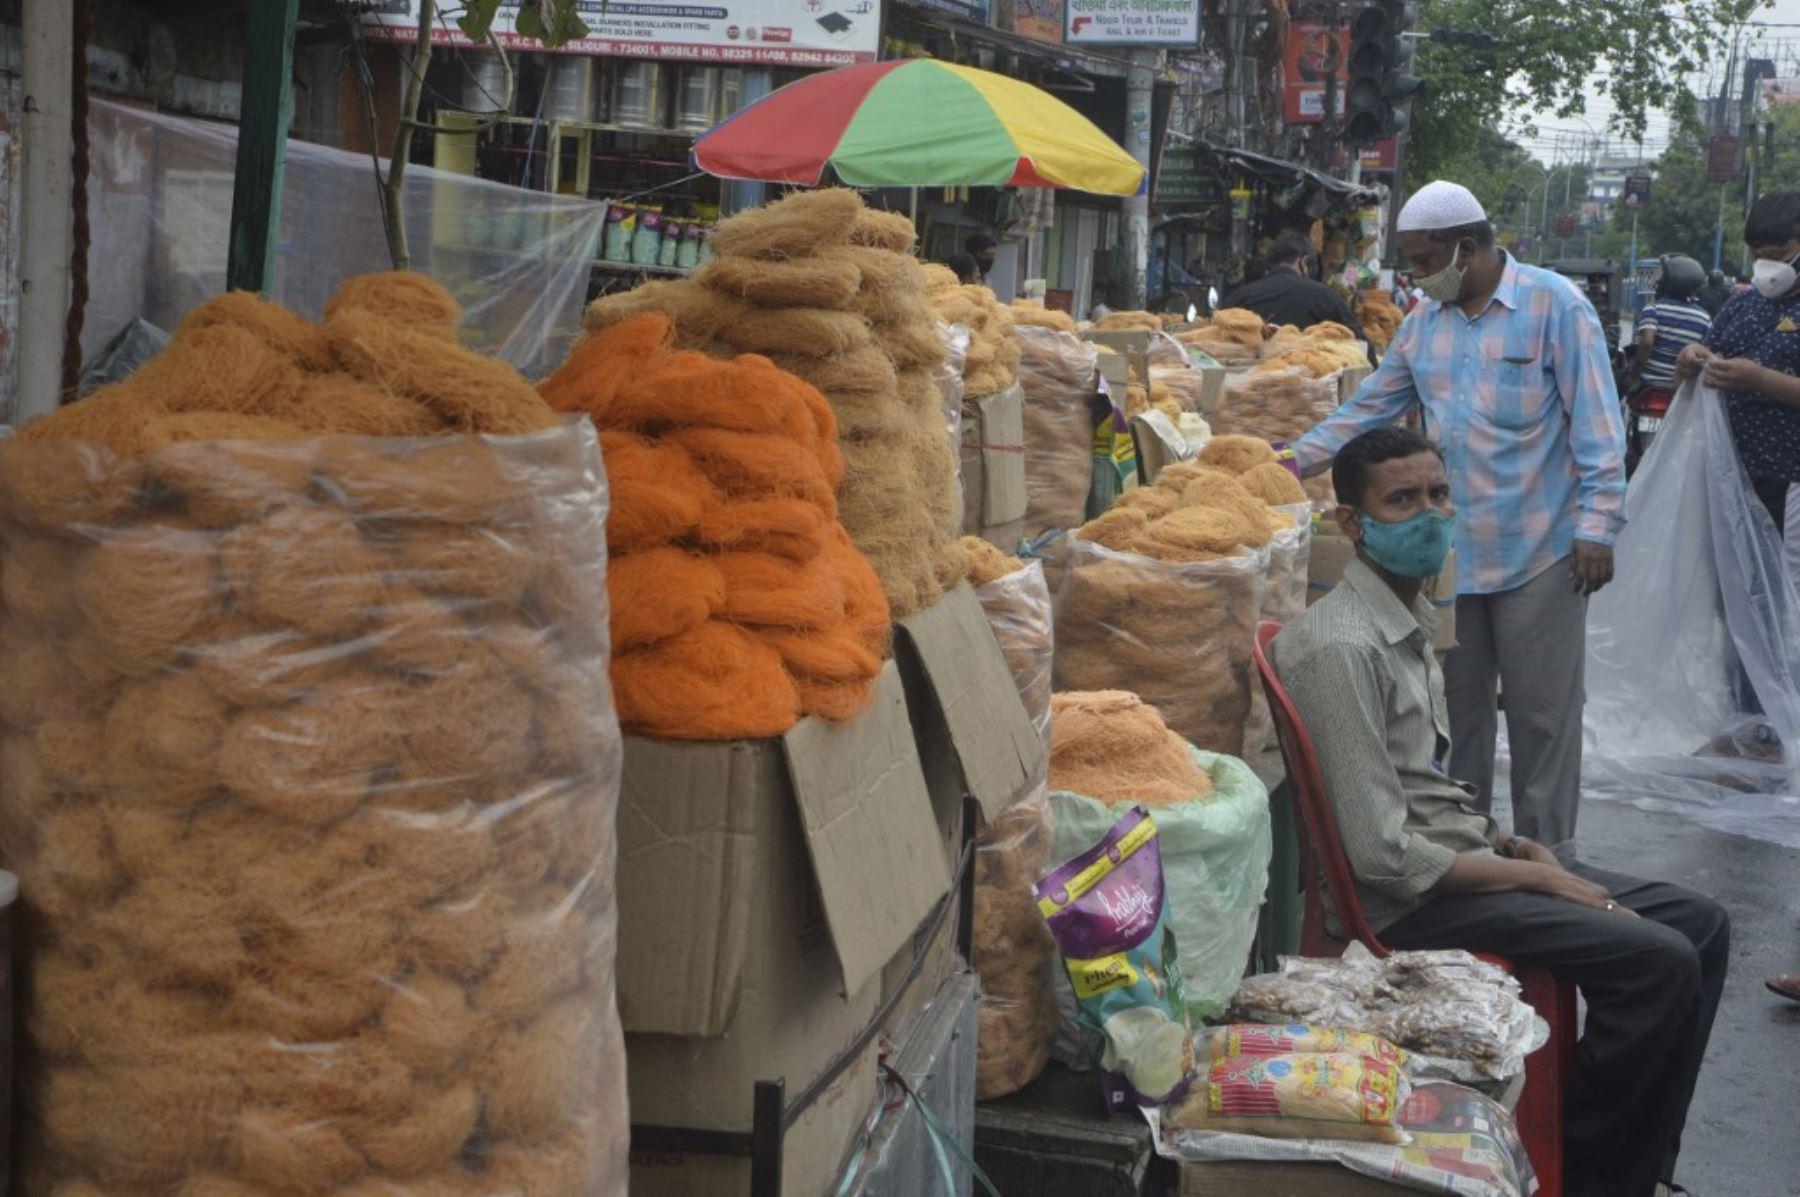 Un vendedor de fideos en un mercado durante el mes sagrado del Ramadán en Siliguri después de que el gobierno de Bengala Occidental impusiera un bloqueo parcial para frenar la propagación del coronavirus Covid-19. Foto: AFP